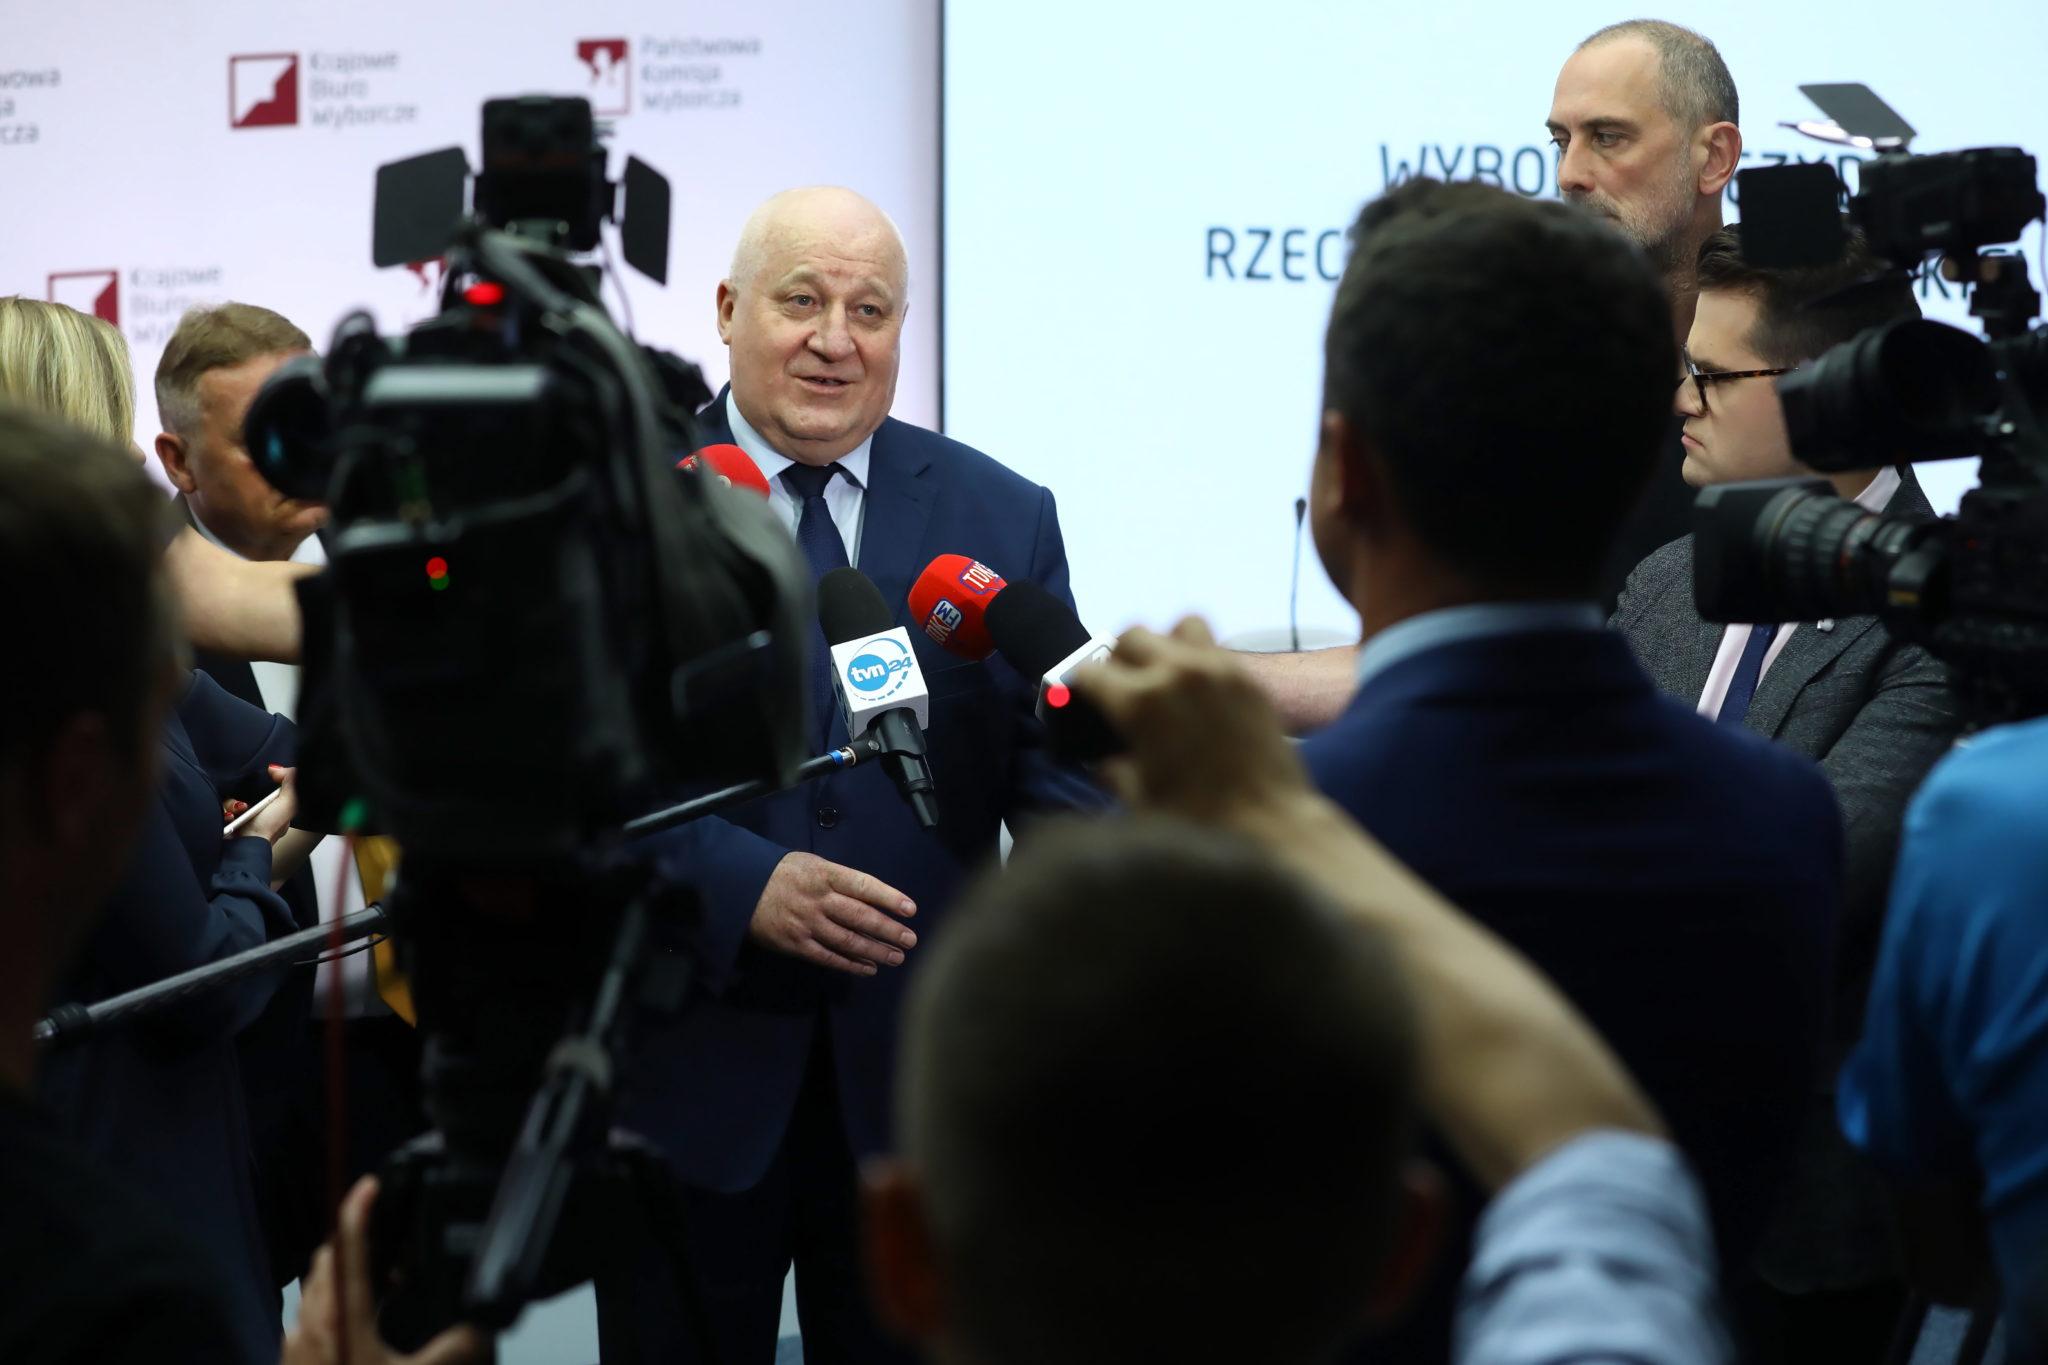 Przewodniczący Państwowej Komisji Wyborczej Sylwester Marciniak podczas wypowiedzi dla mediów w siedzibie PKW. Cały czas czekamy na pełne oficjalne wyniki wyborów, fot. PAP/Rafał Guz